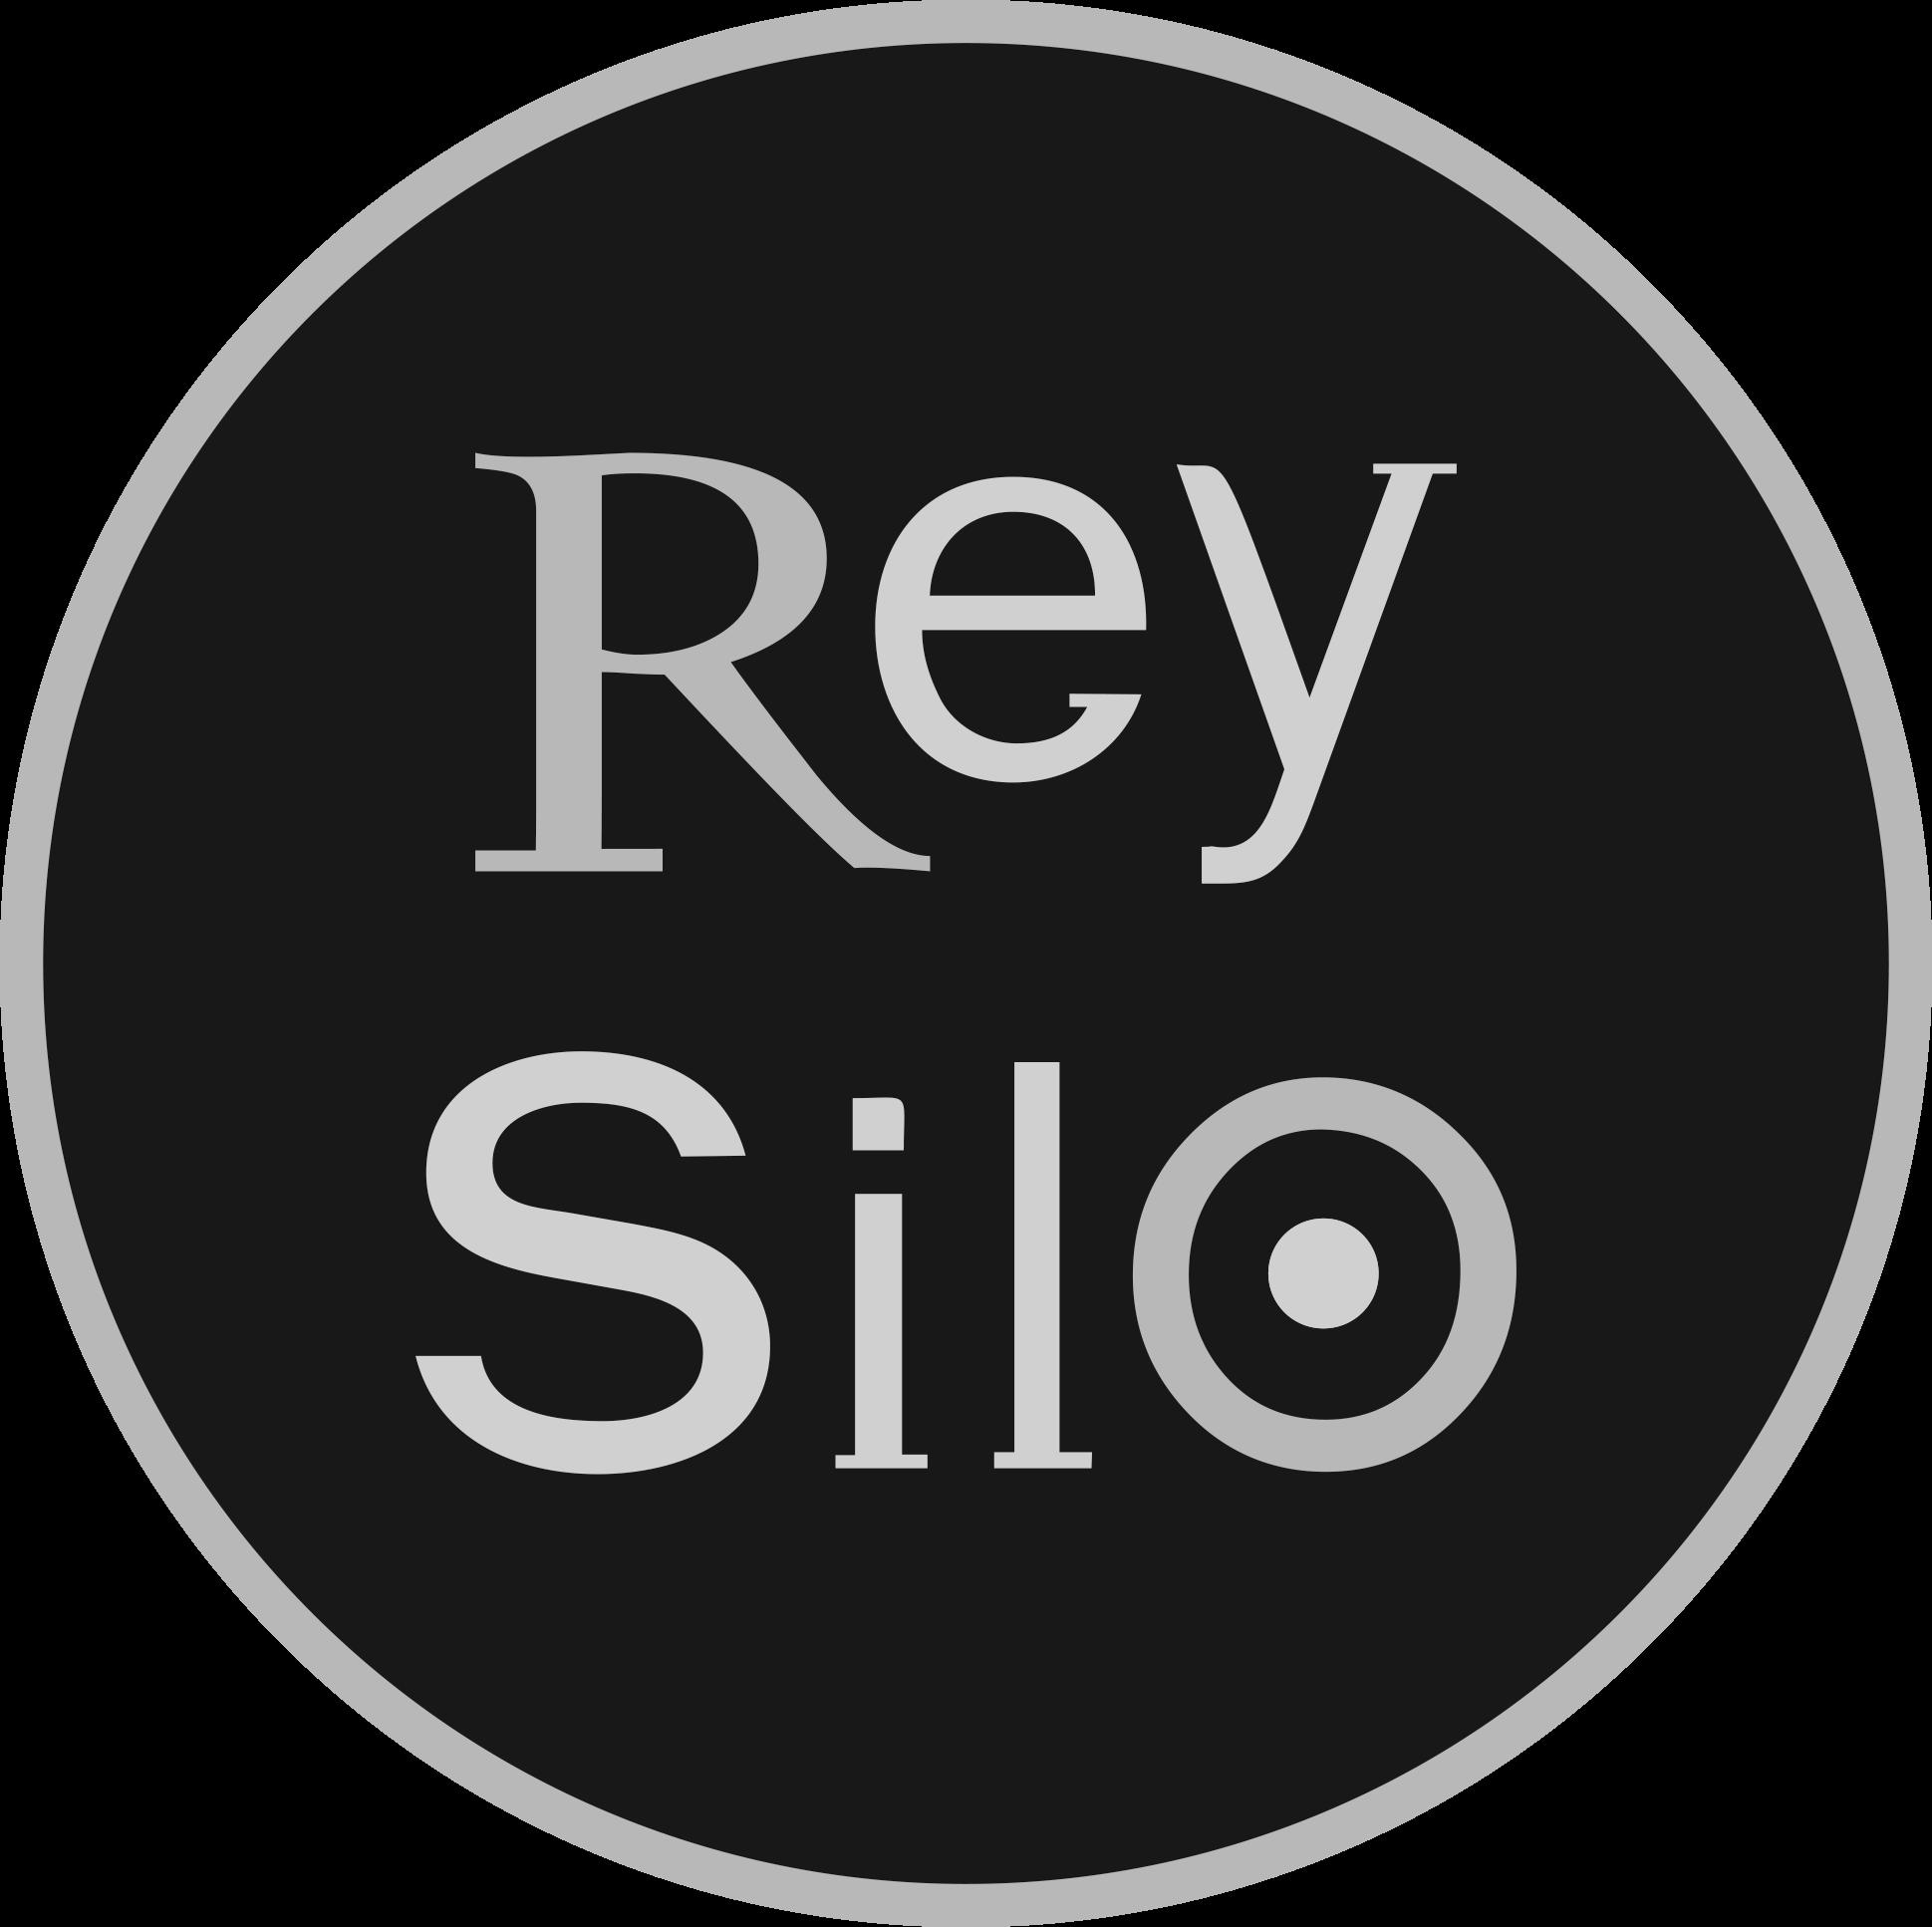 Logo_ReySilo (1).png